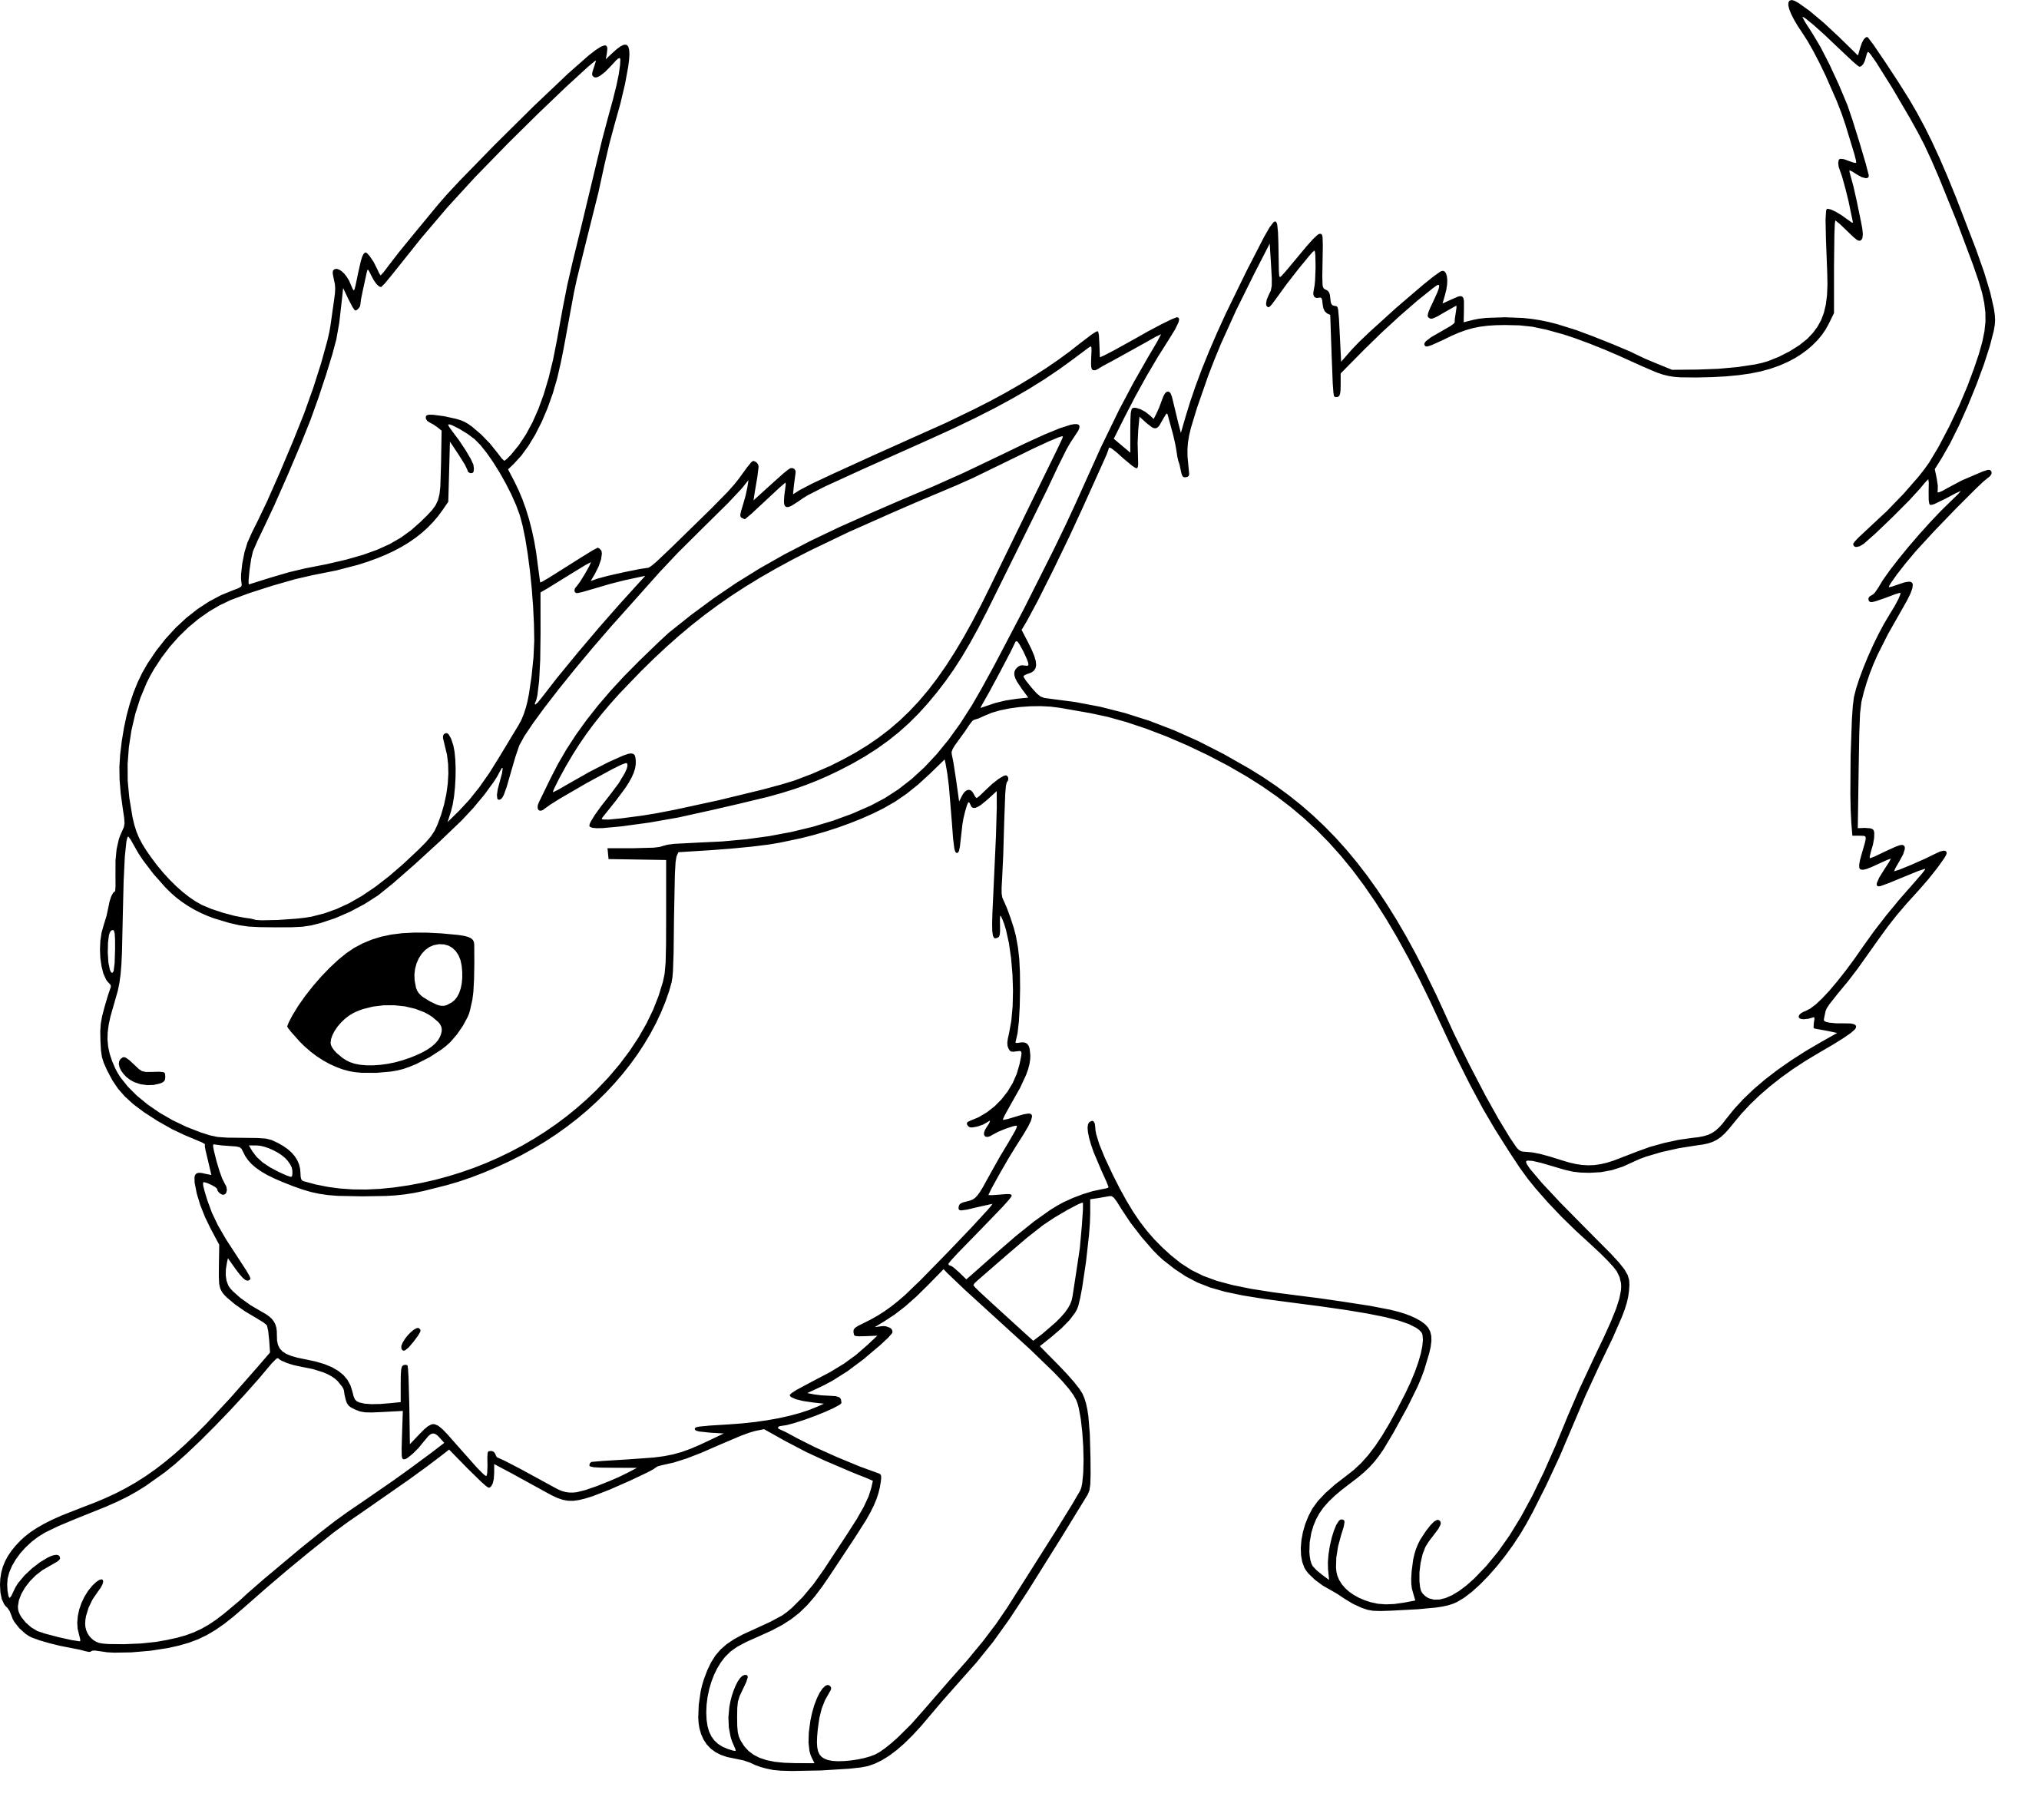 Coloriage xerneas pokemon imprimer sur coloriages info of - Coloriage pokemon imprimer ...